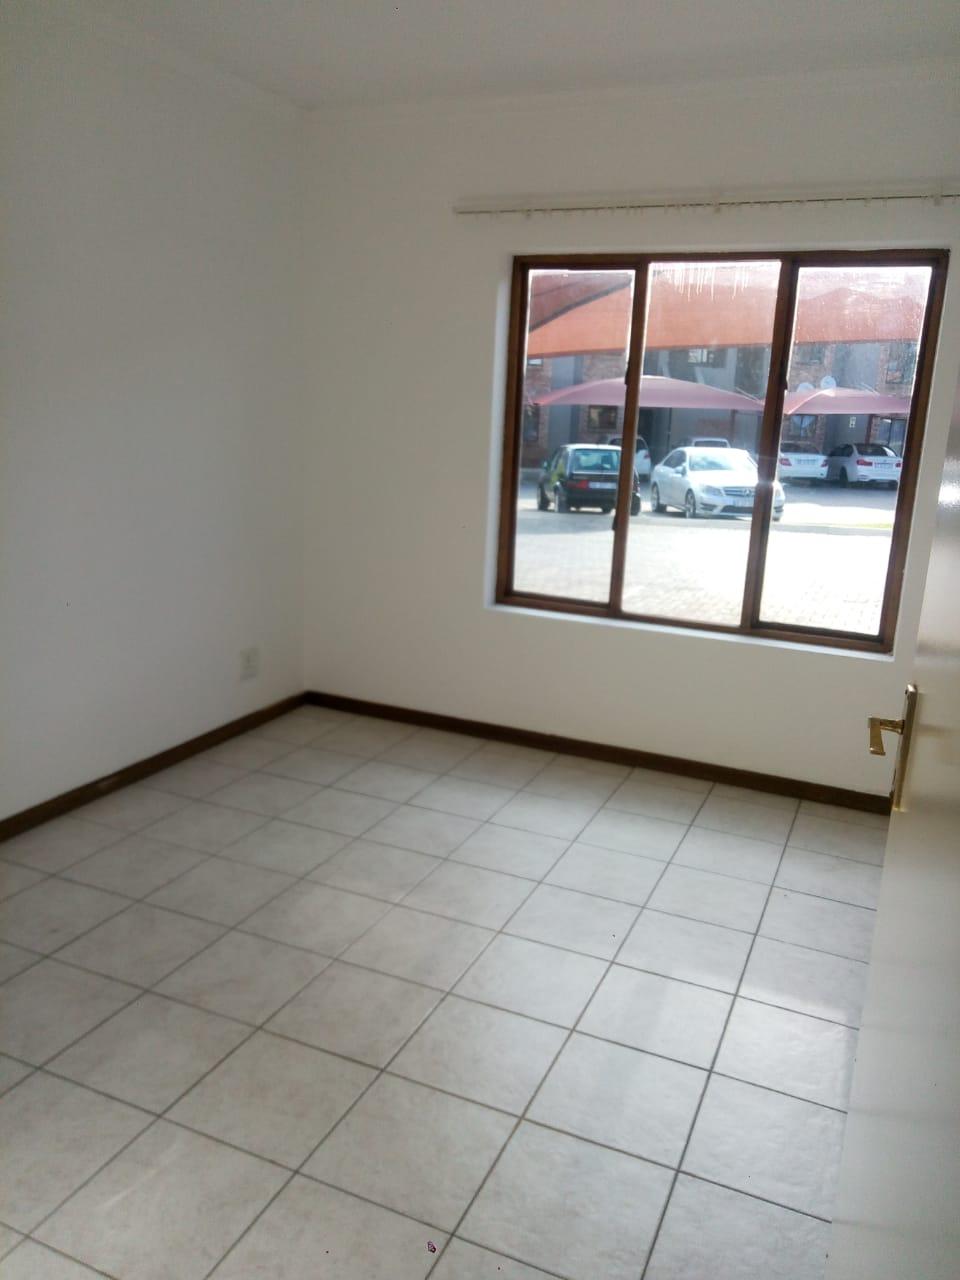 Ground Floor Unit in secure Heldewyk Estate for Rental